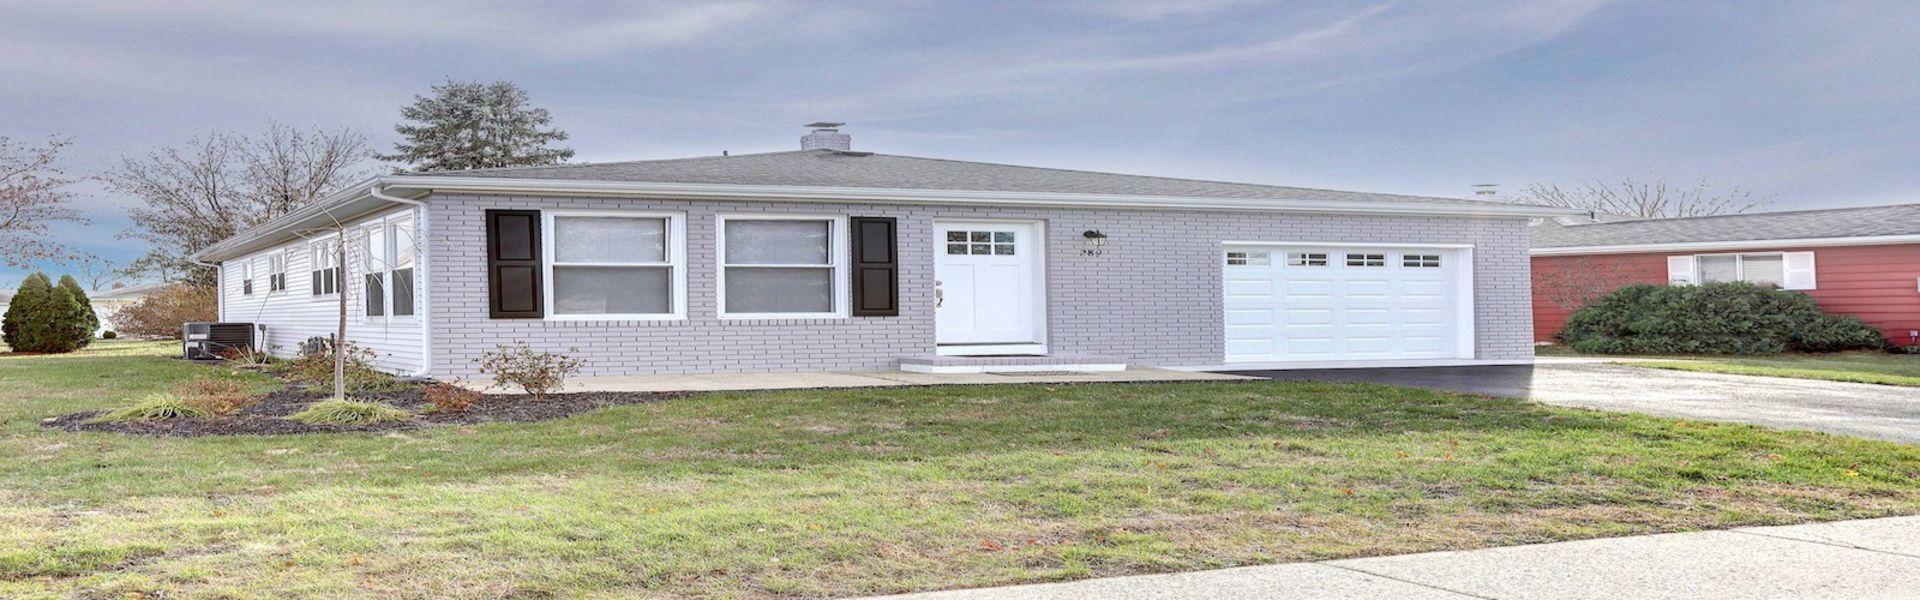 289 Harrington Drive N, Toms River, NJ 08757 – $199,900